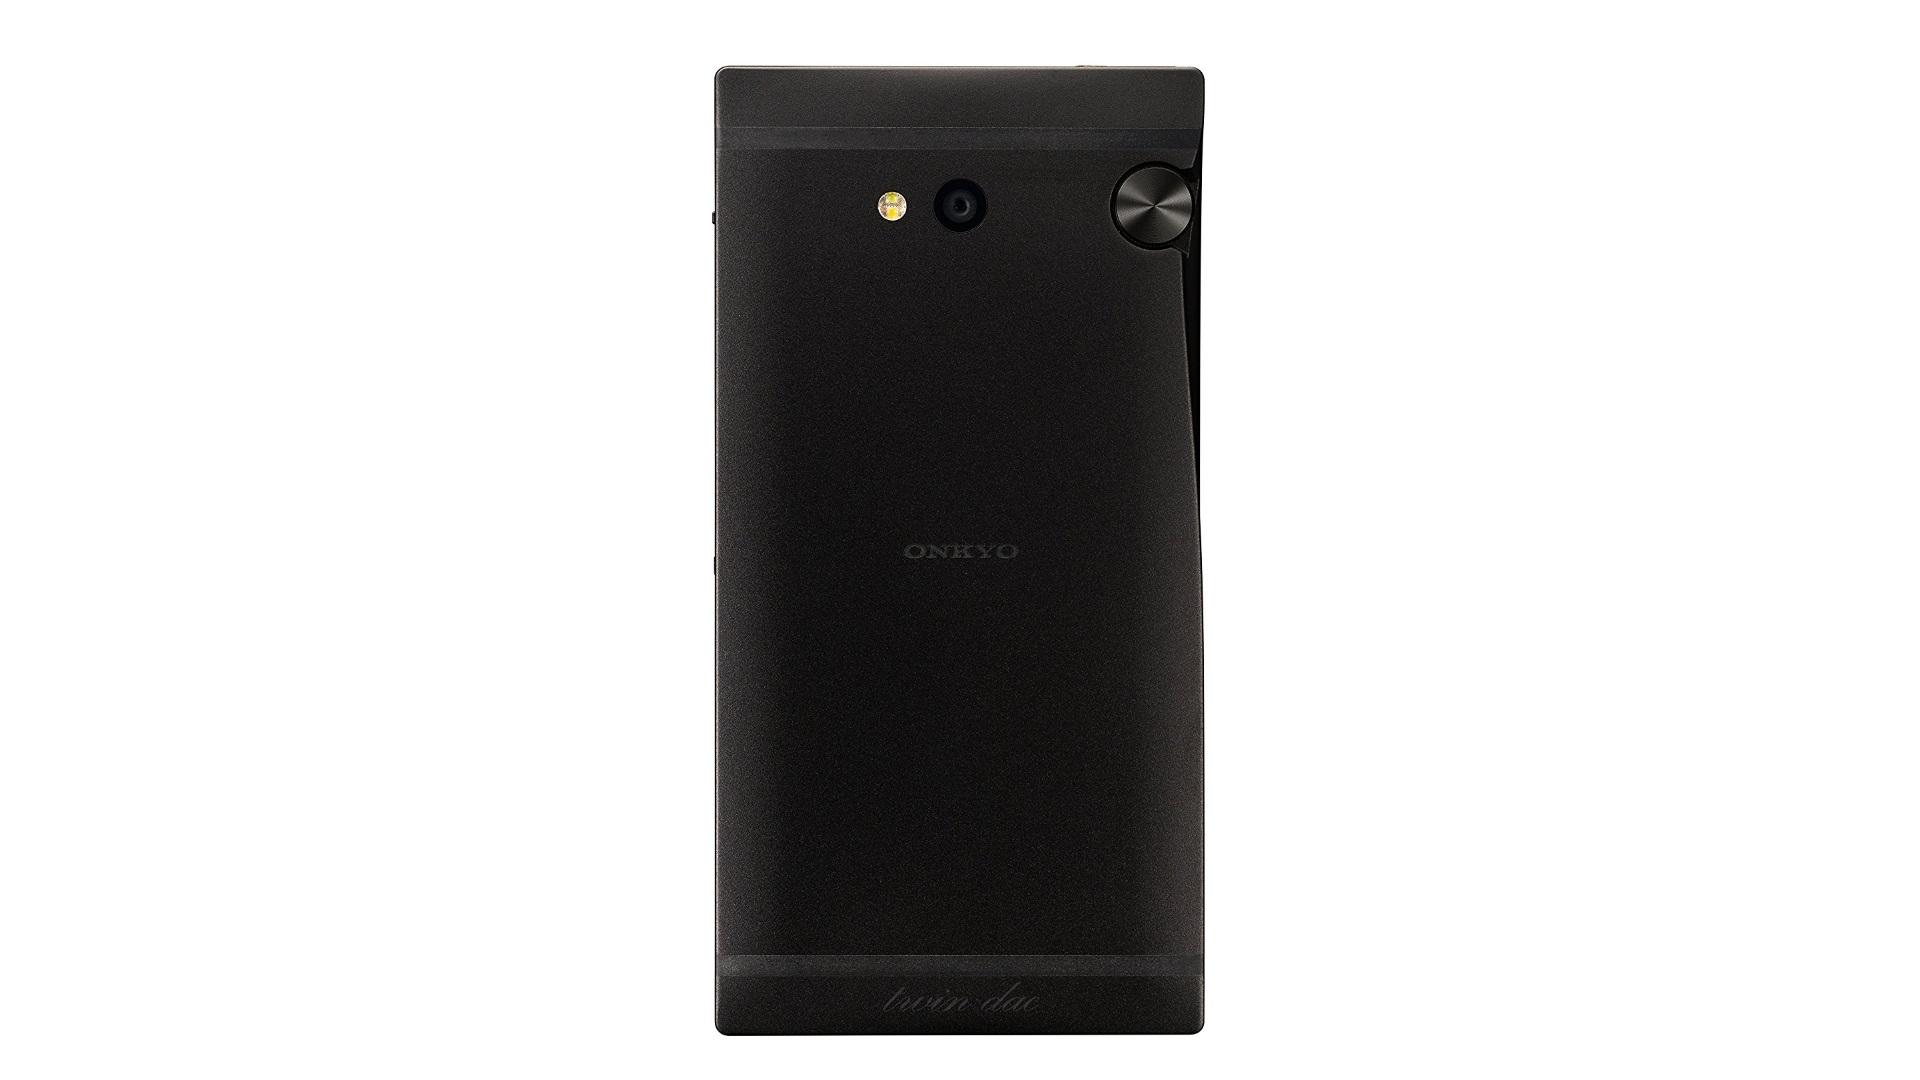 オンキヨー製5インチスマートフォン「GRANBEAT(DP-CMX1)」がAmazonで10%ポイント還元対象に、9,155ポイントももらえます